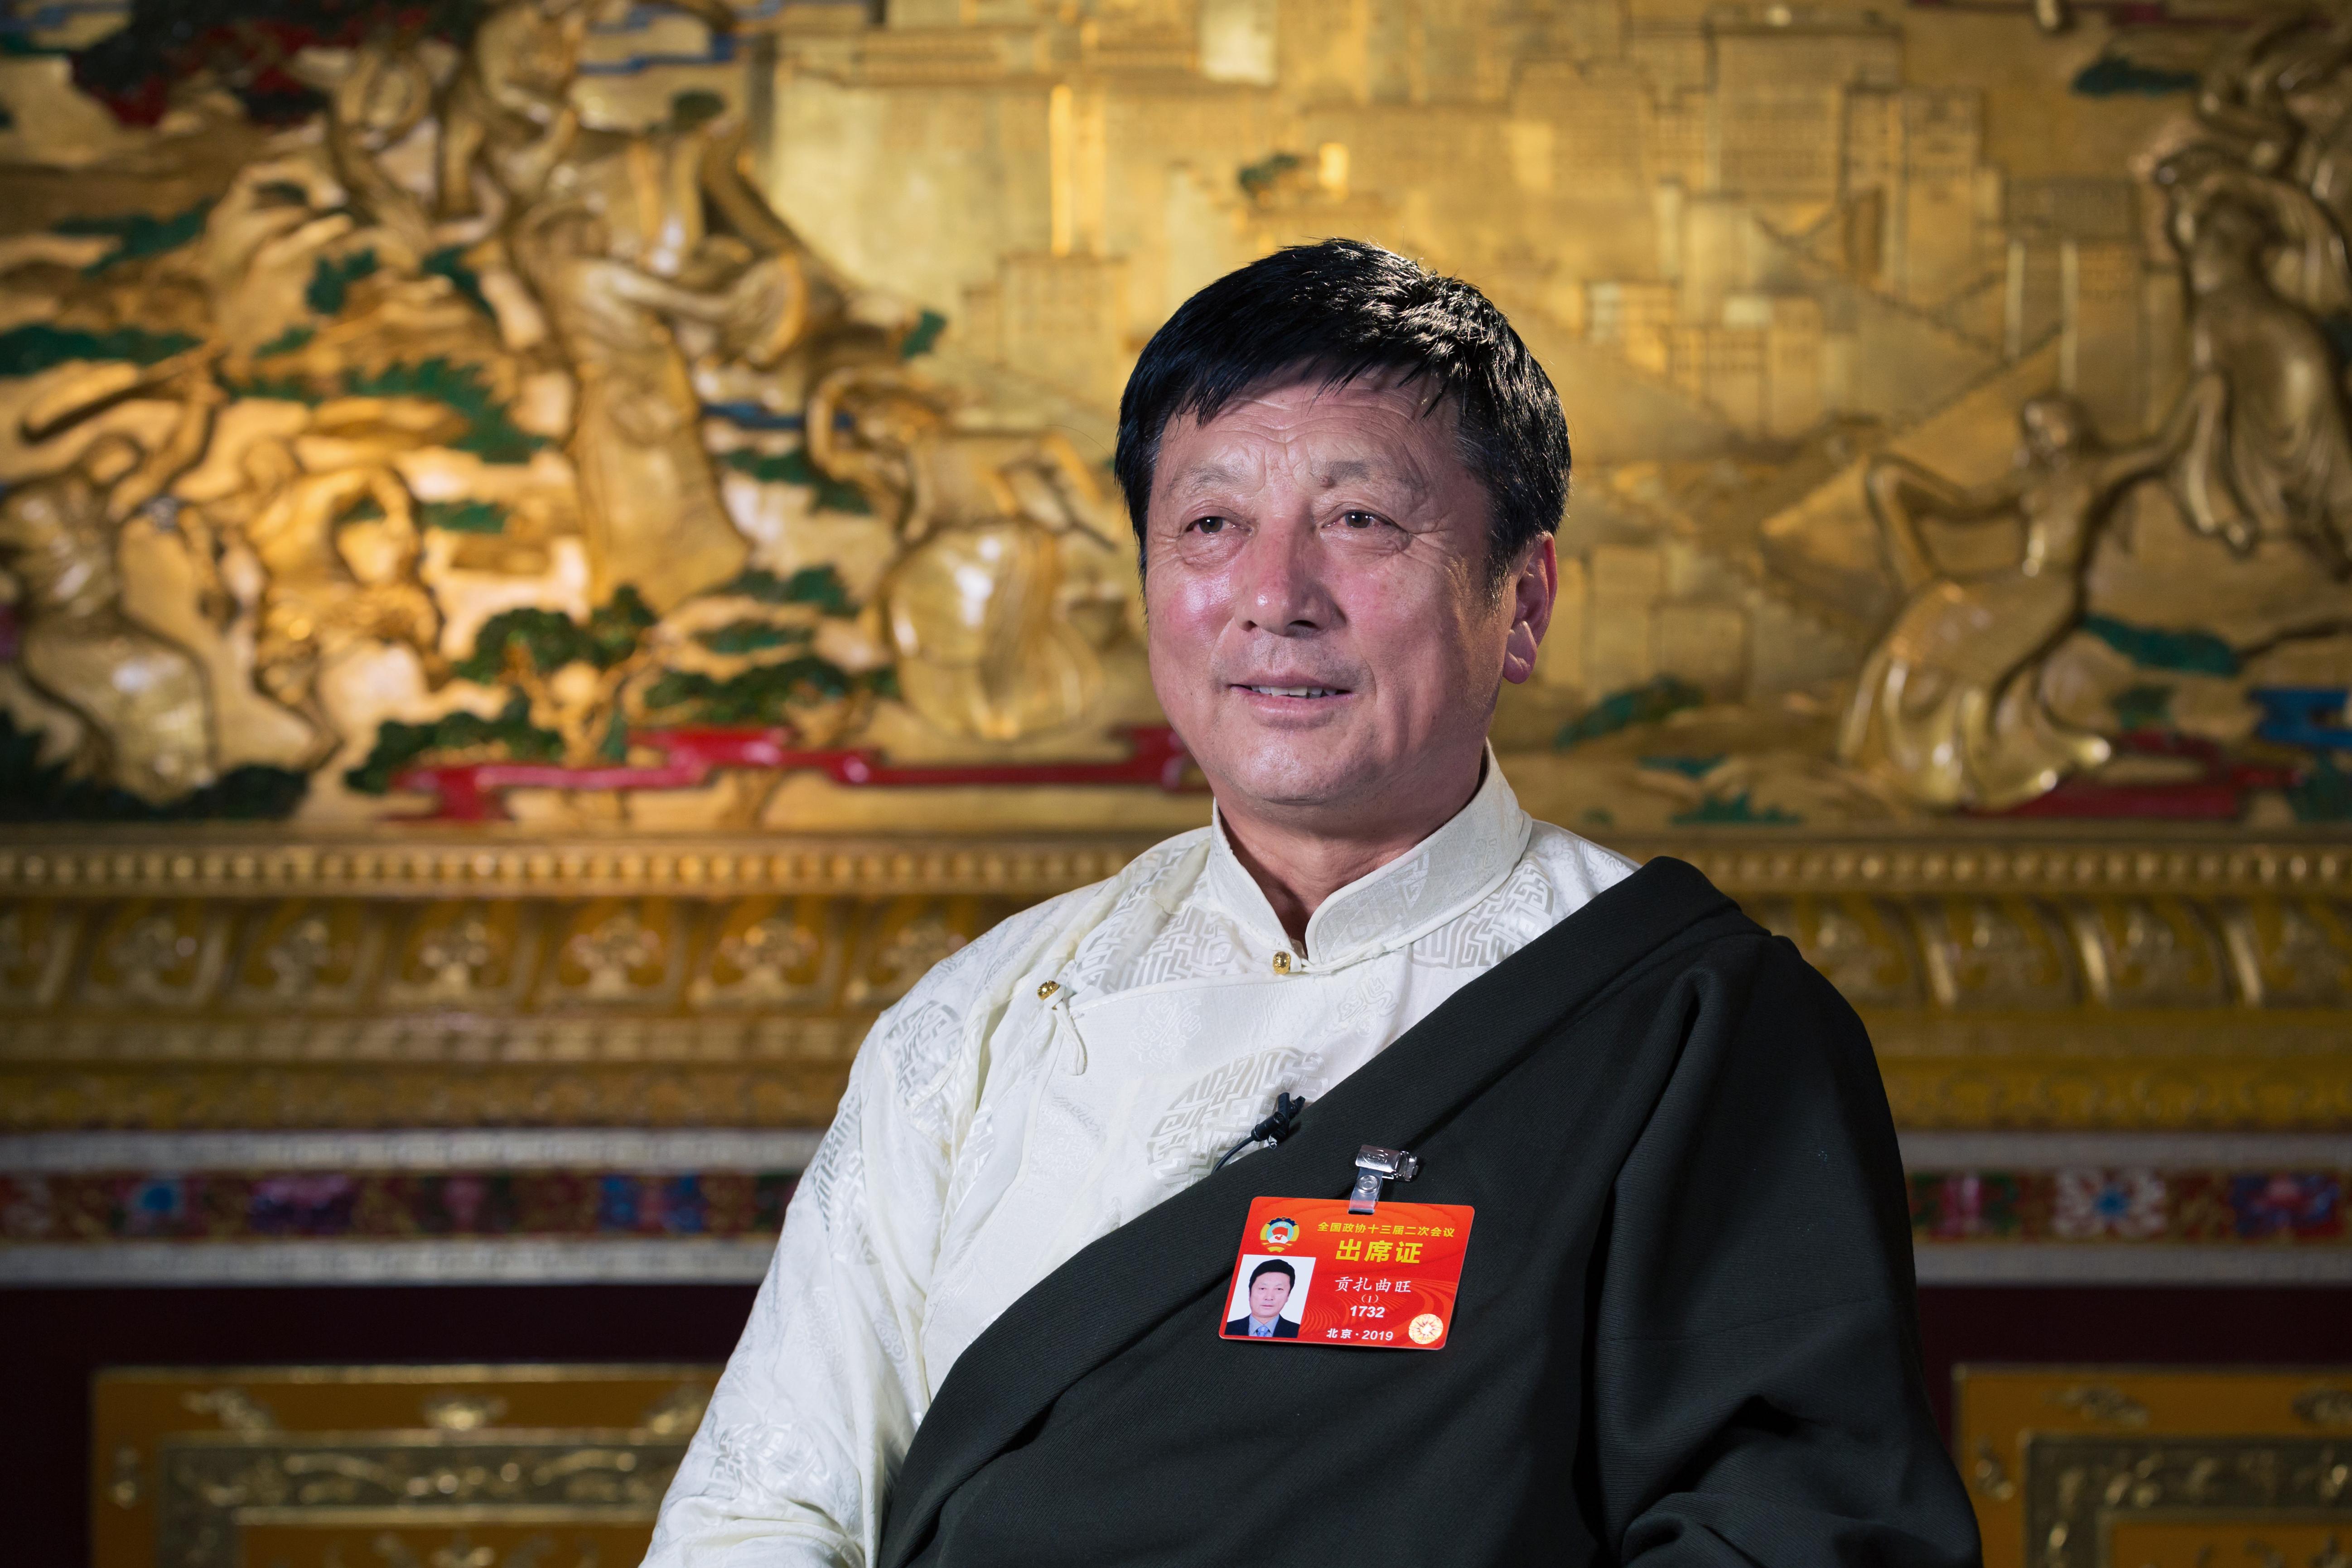 拉萨副市长贡扎曲旺:昌都女孩在拉萨经营的上海馄饨馆